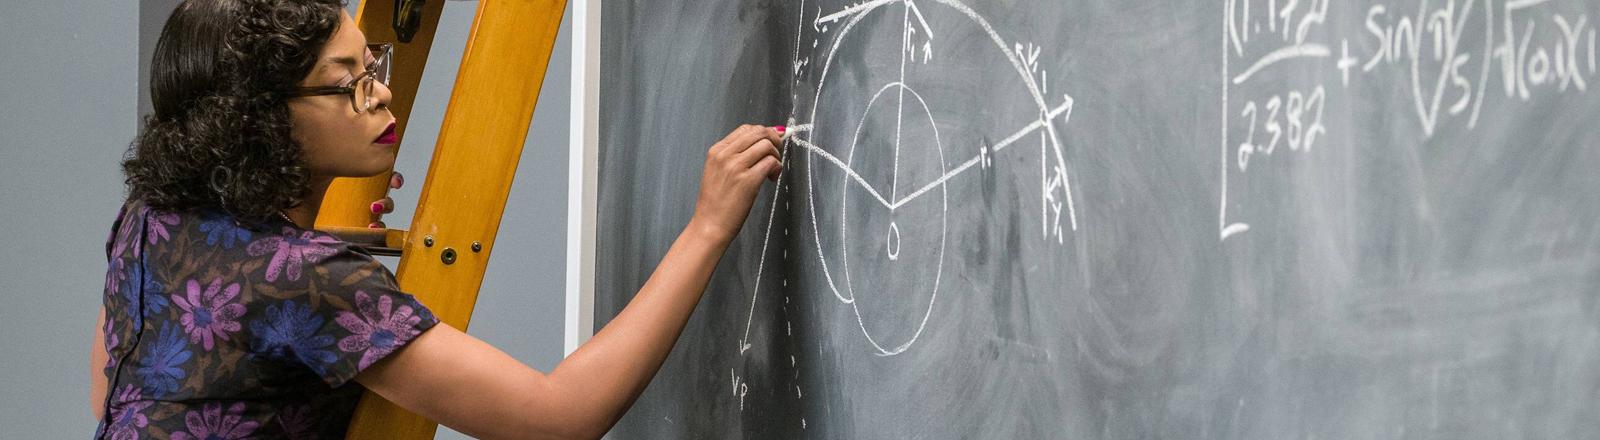 Schwarze Mathematikerin